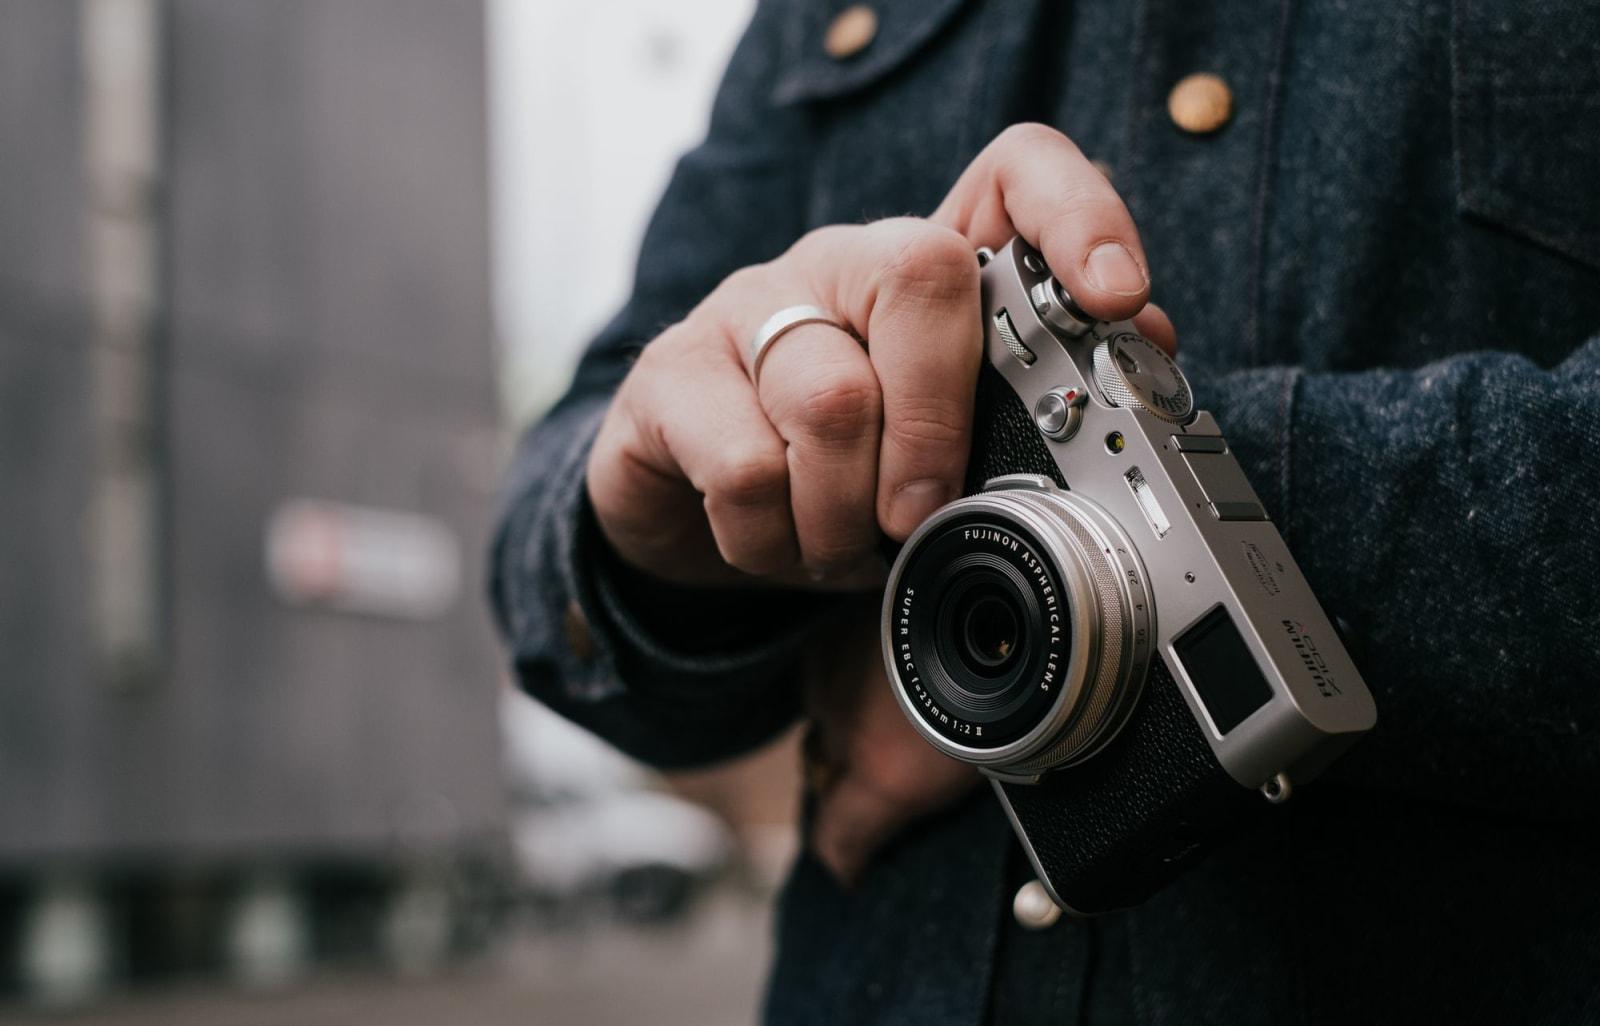 Fujifilm X100V compact fixed-lens APS-C camera